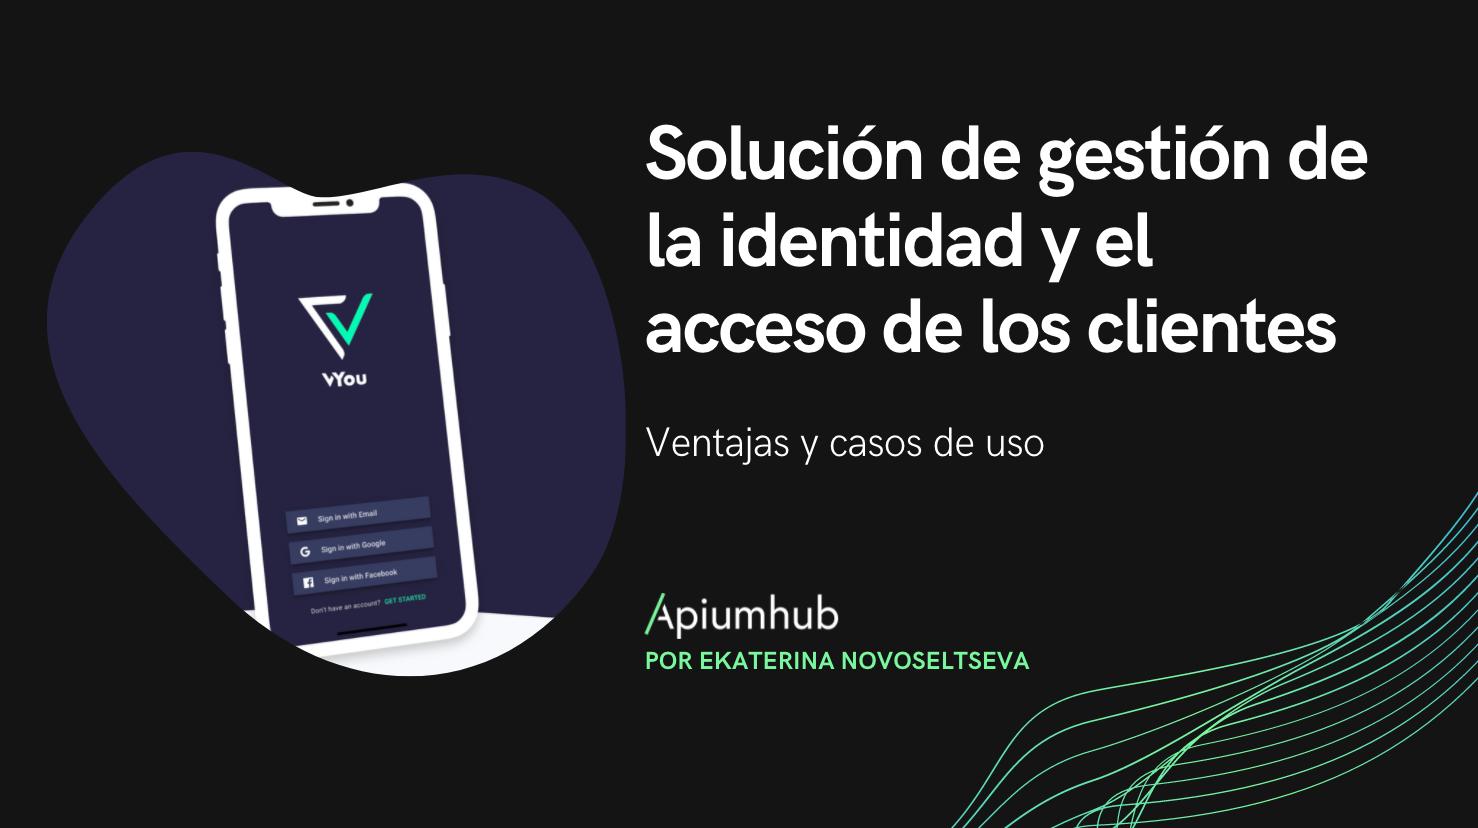 Solución de gestión de la identidad y el acceso de los clientes